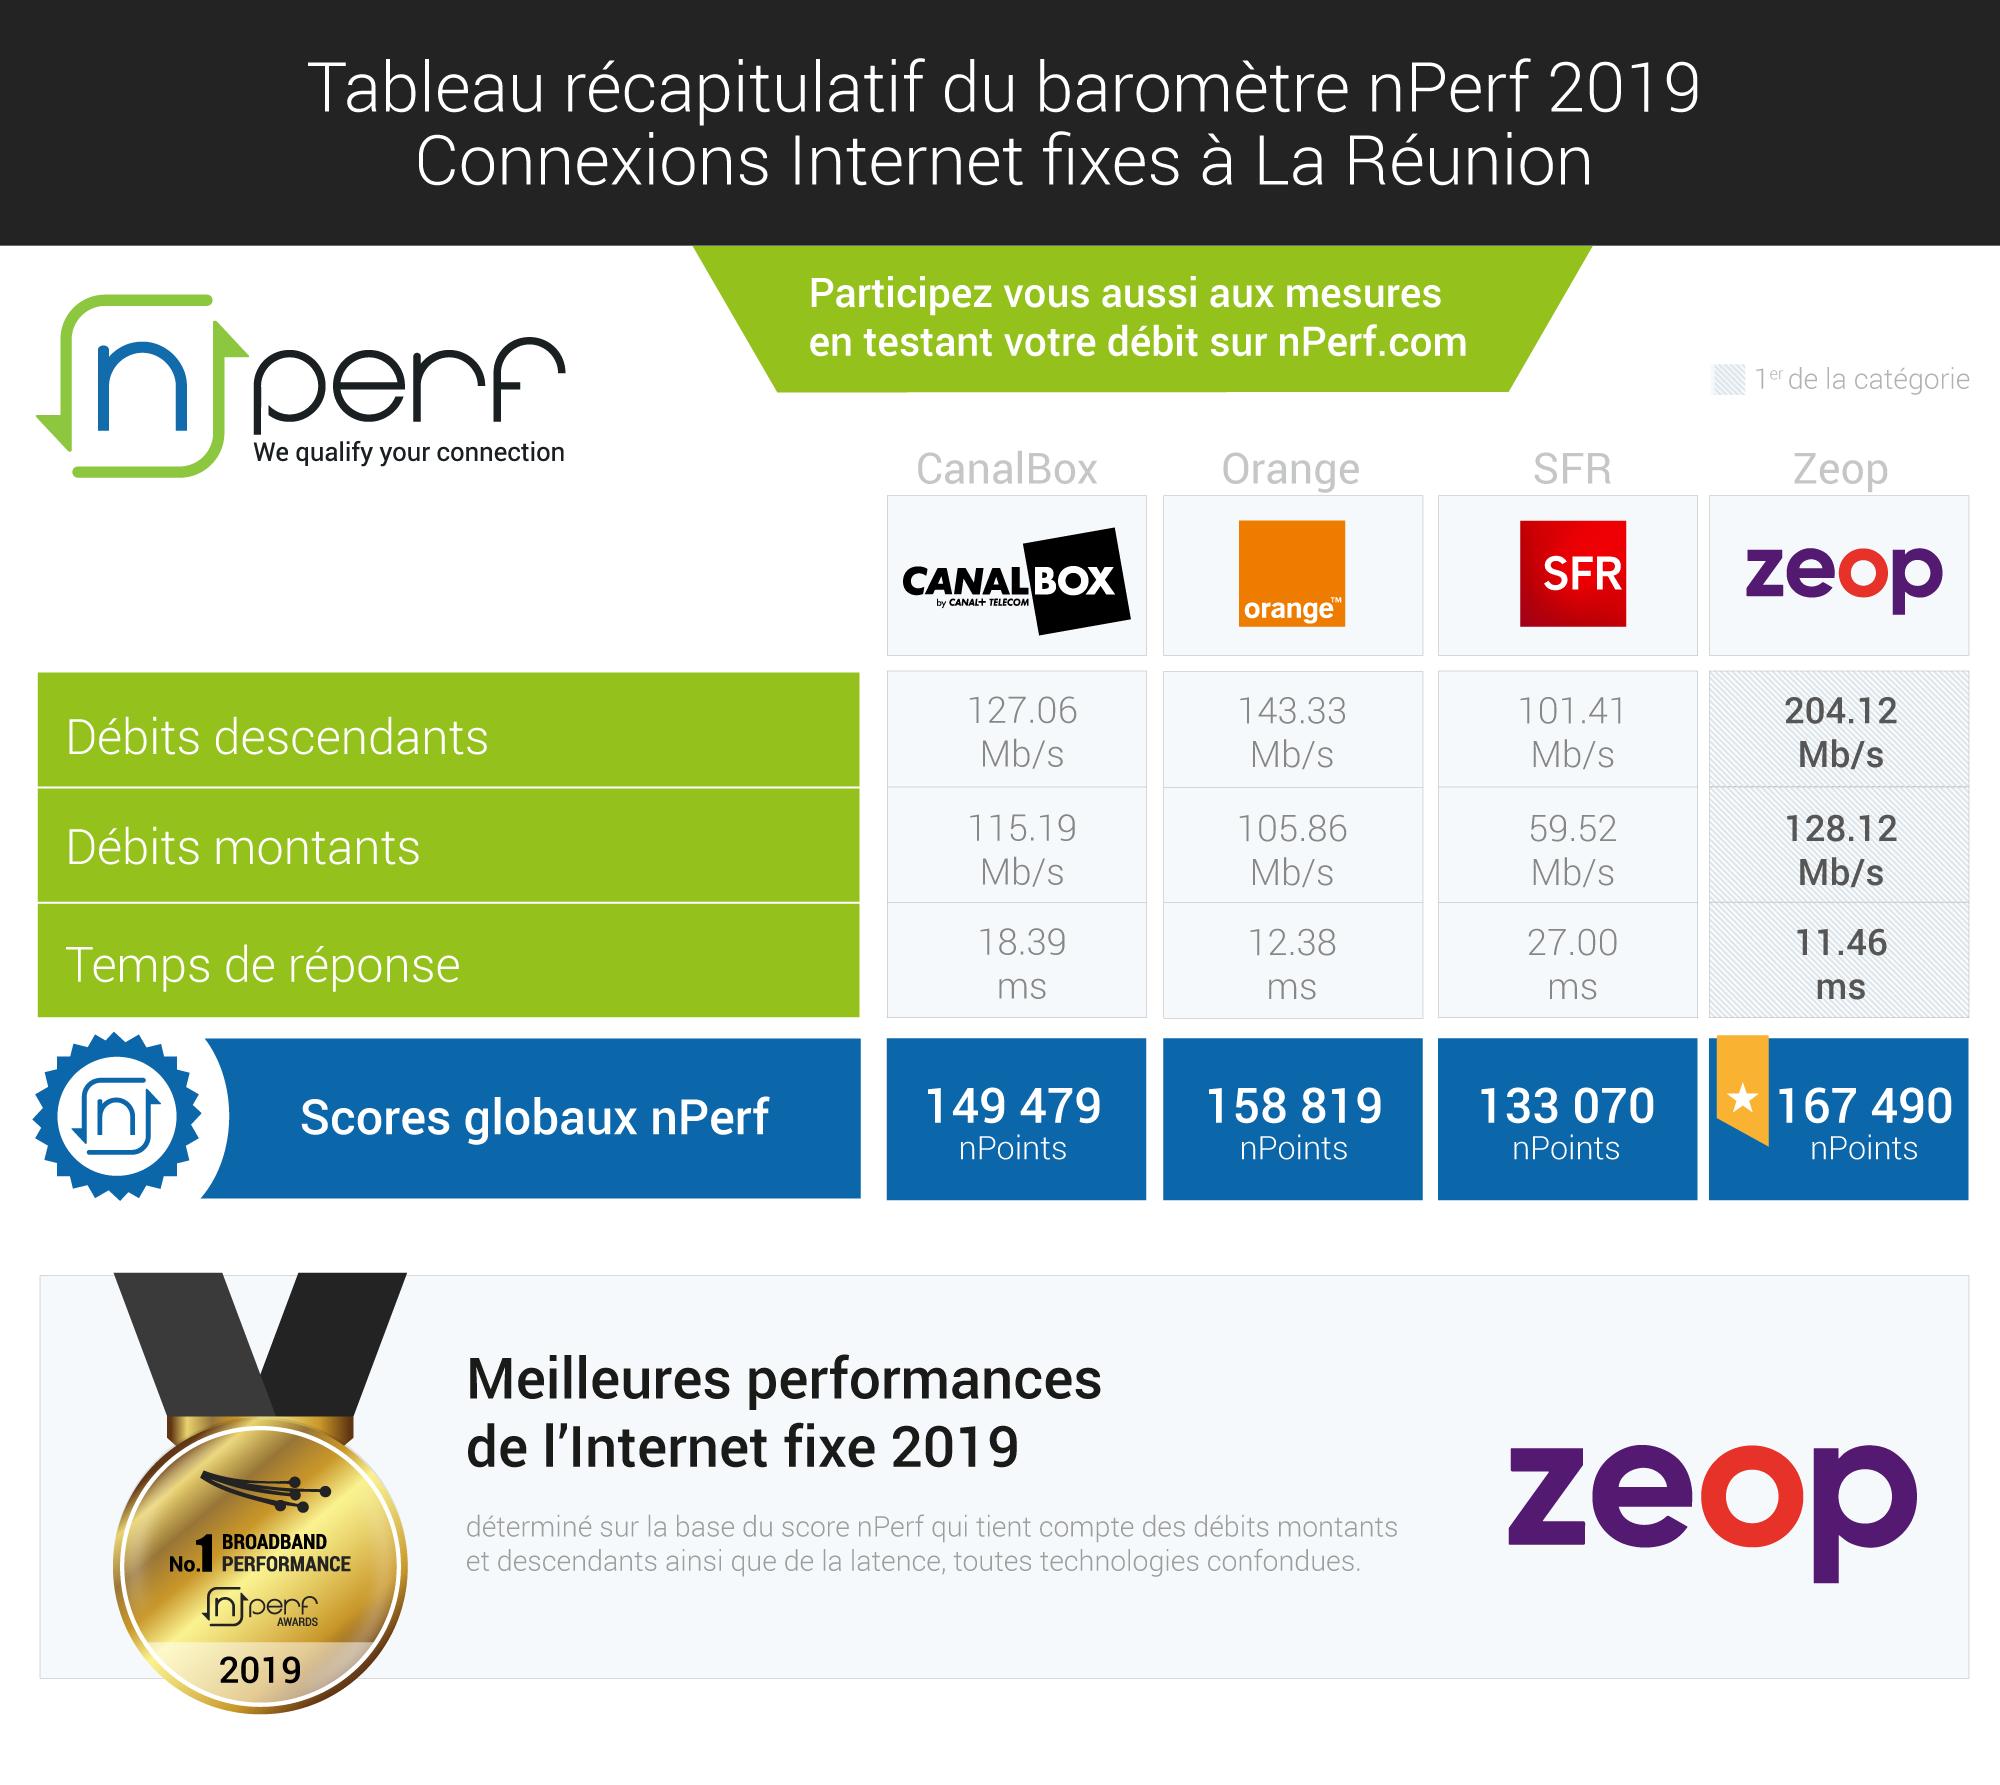 Baromètre nPerf des connexions internet à la Réunion: Zeop : réseau Internet fixe le plus performant pour la 3ème année consécutive